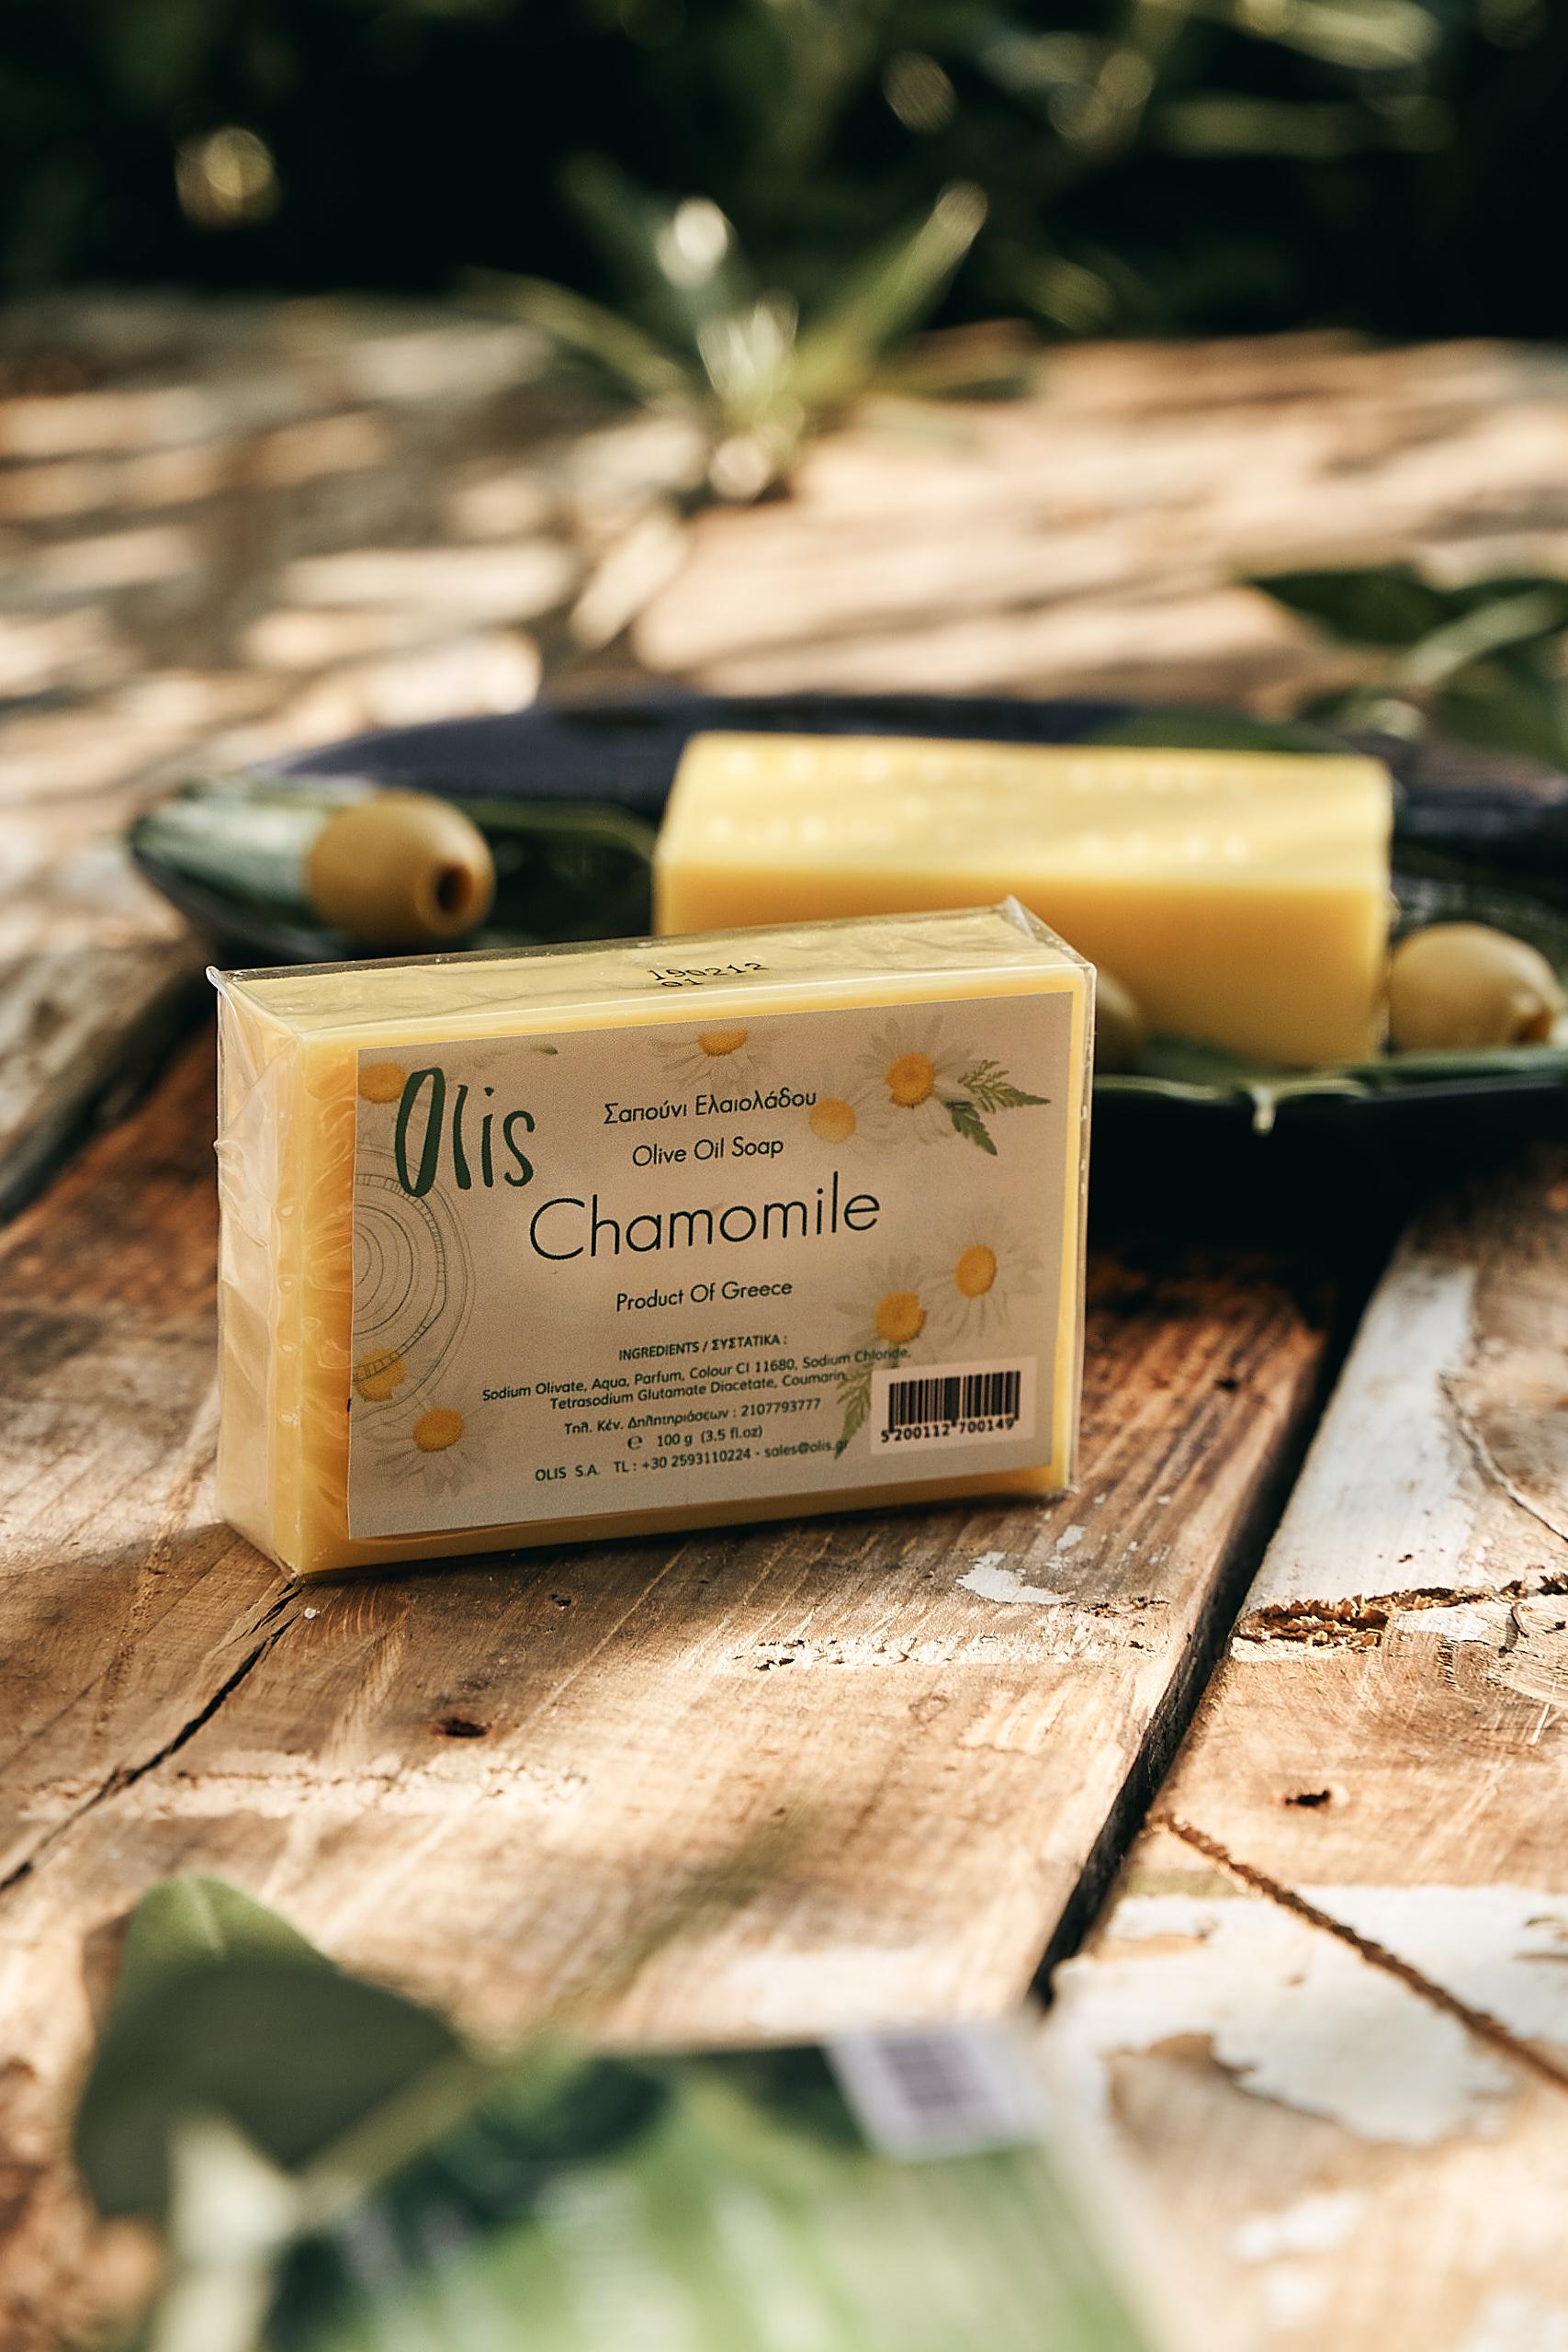 Olivenseife Kamille, Olivenölseife - Olis